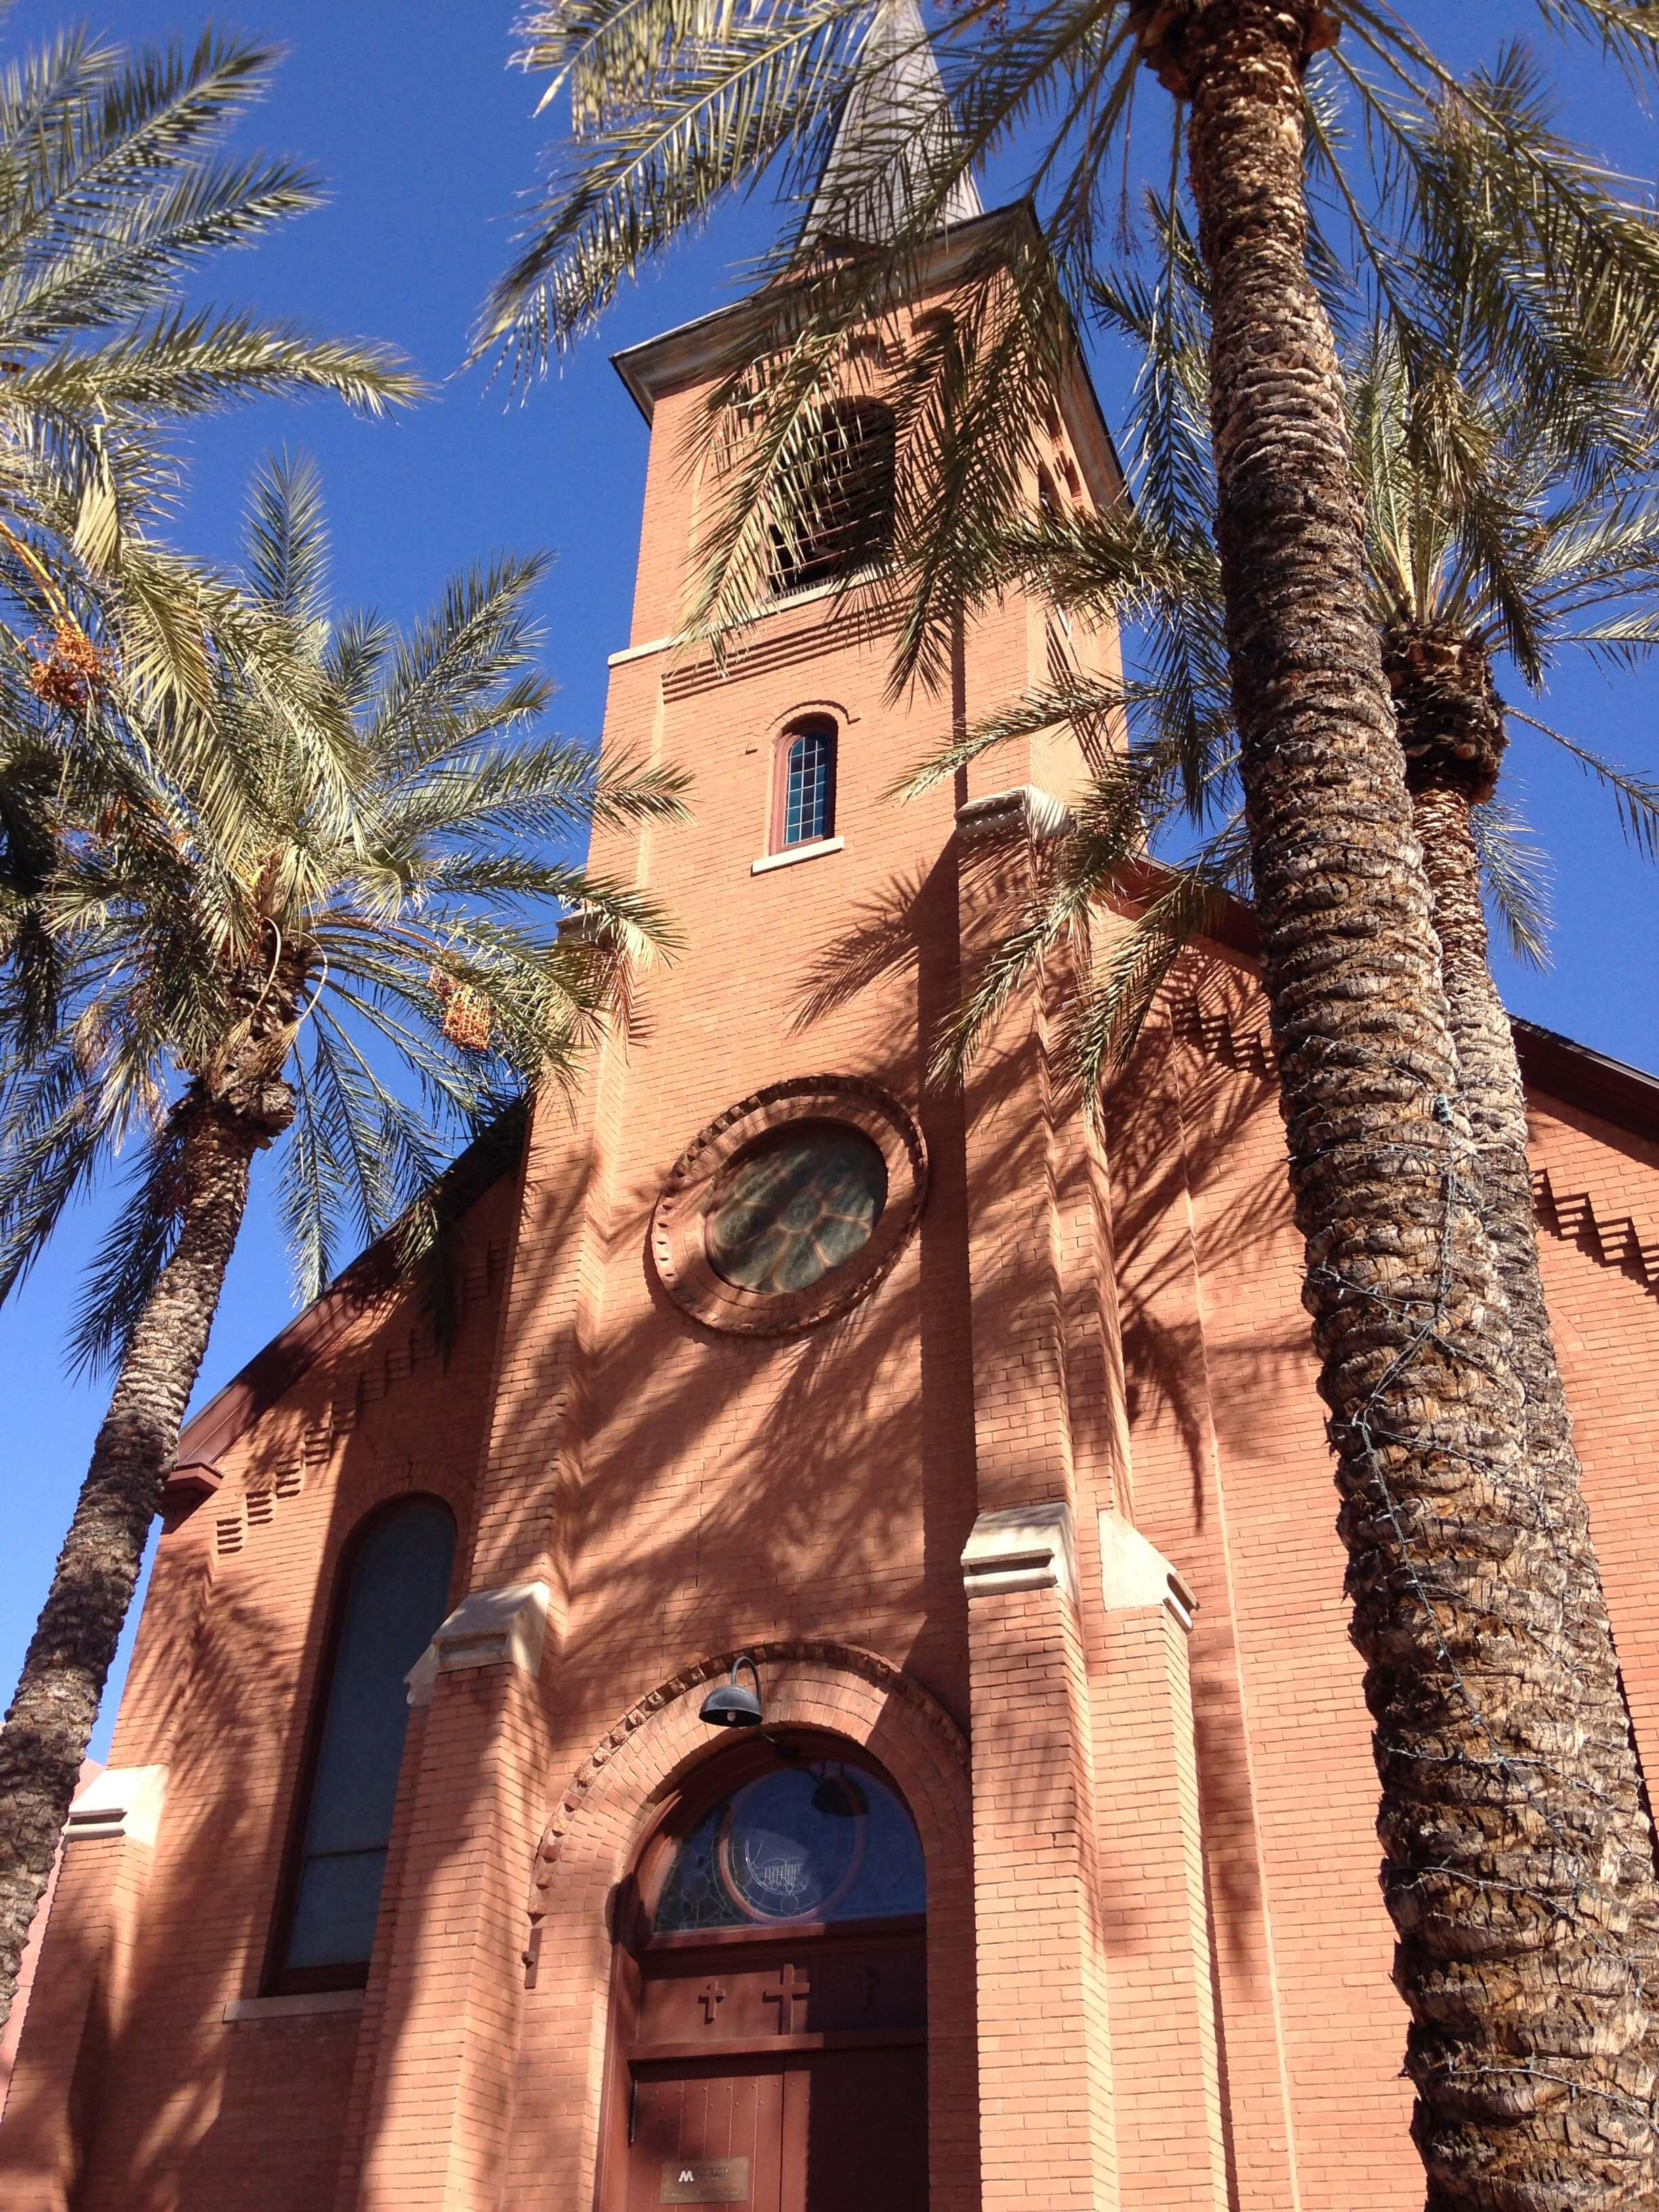 St. Mary's Catholic Church in Tempe, AZ